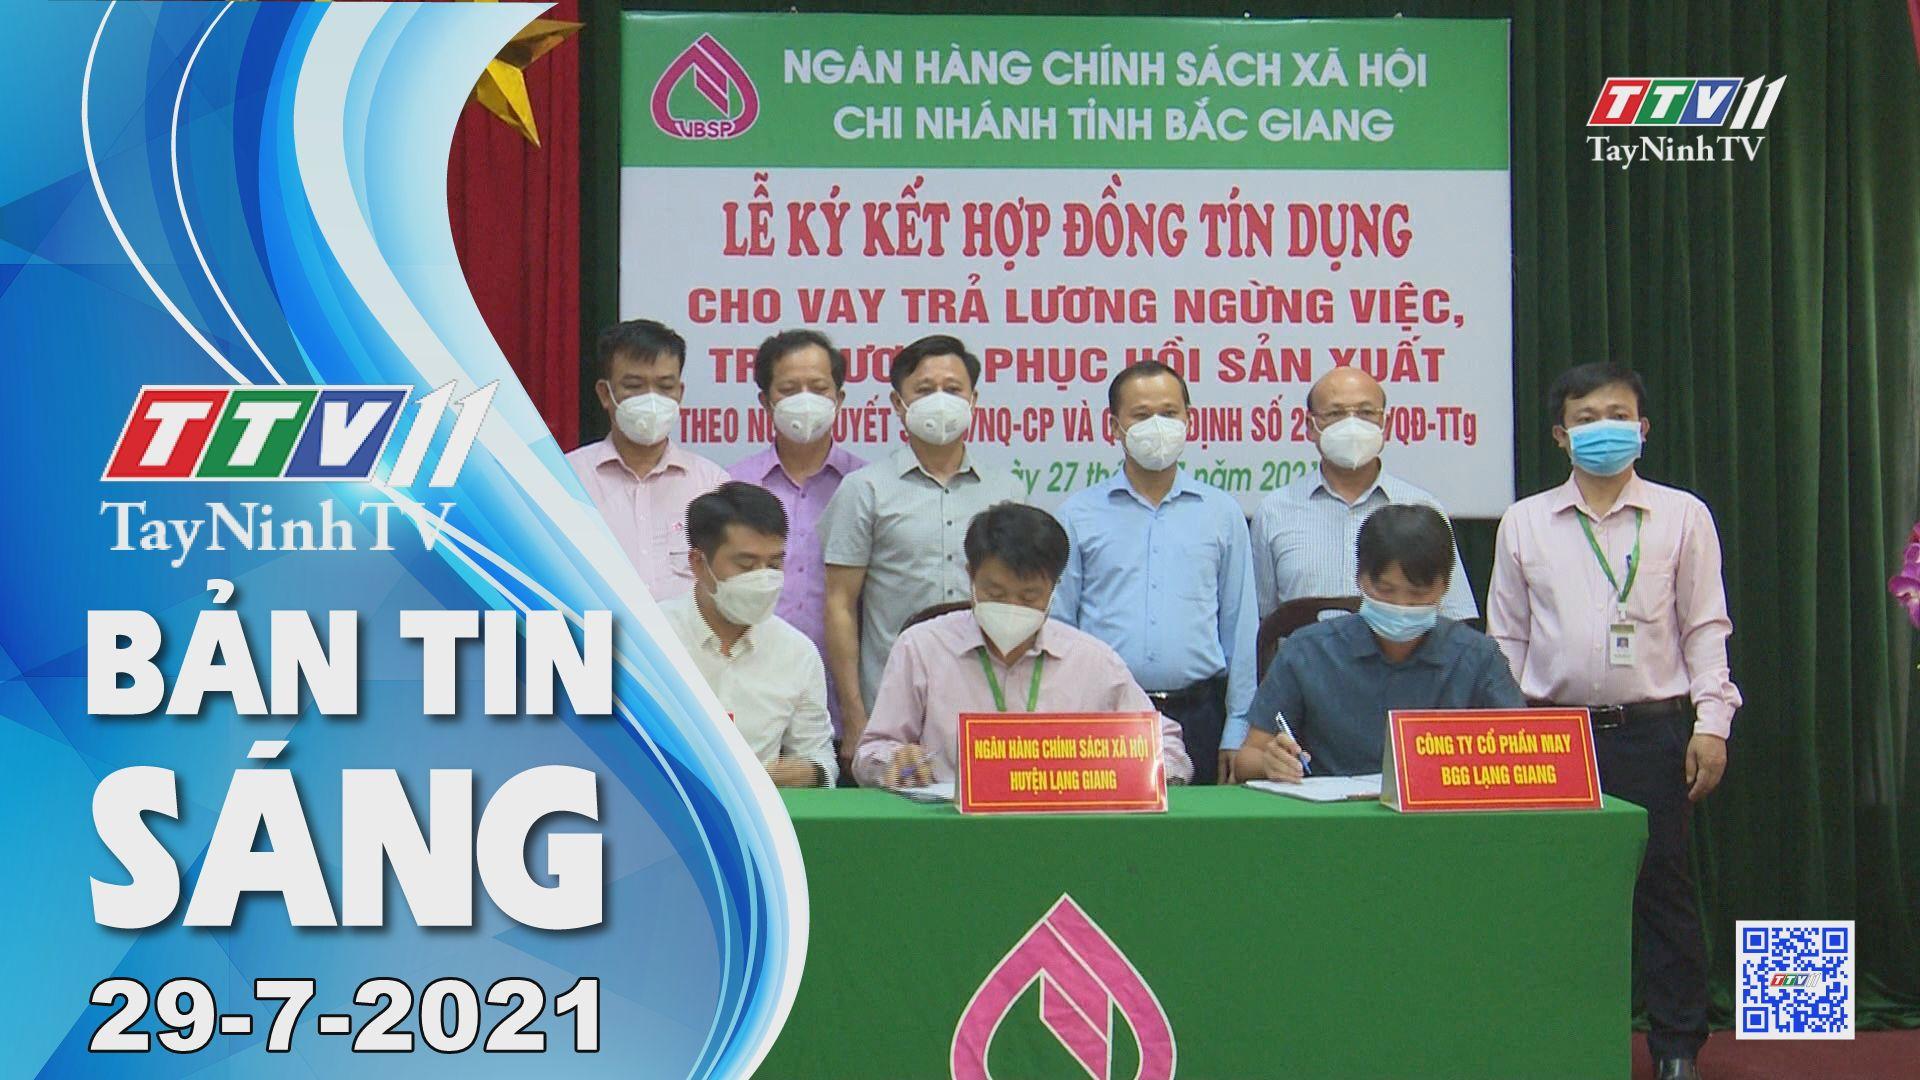 Bản tin sáng 29-7-2021 | Tin tức hôm nay | TayNinhTV